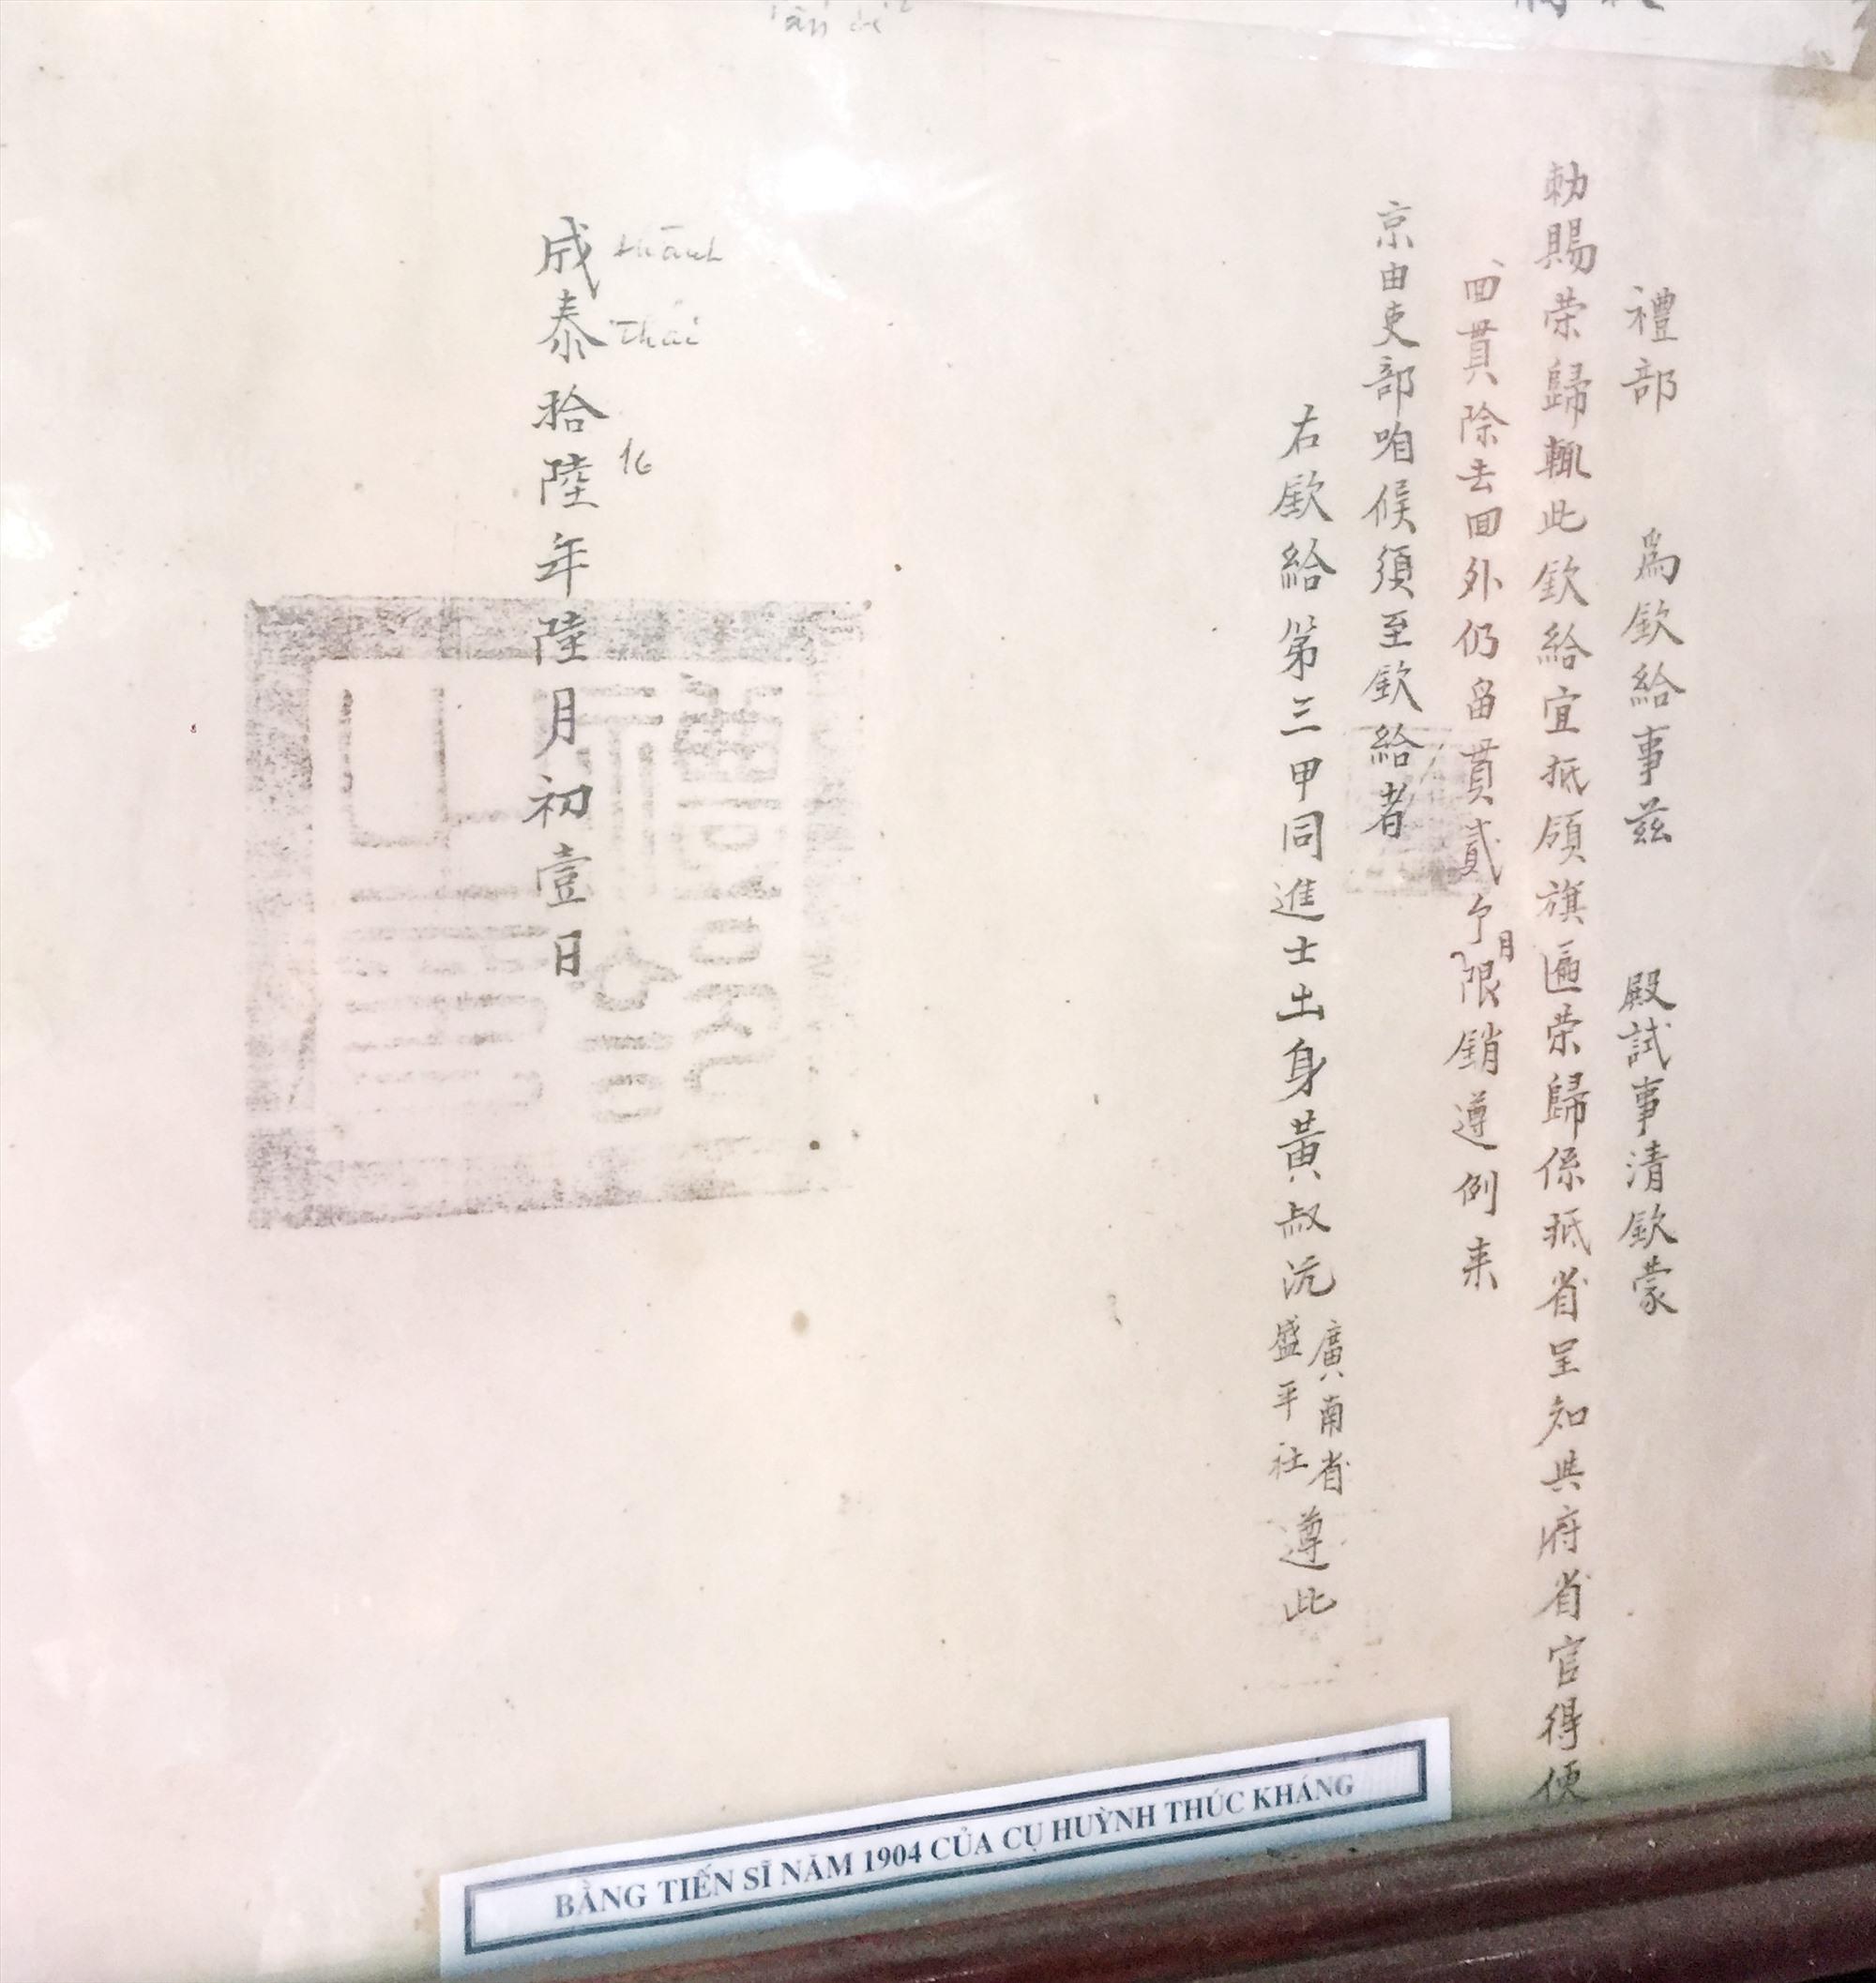 Bằng chứng nhận Tiến sĩ Huỳnh Thúc Kháng.